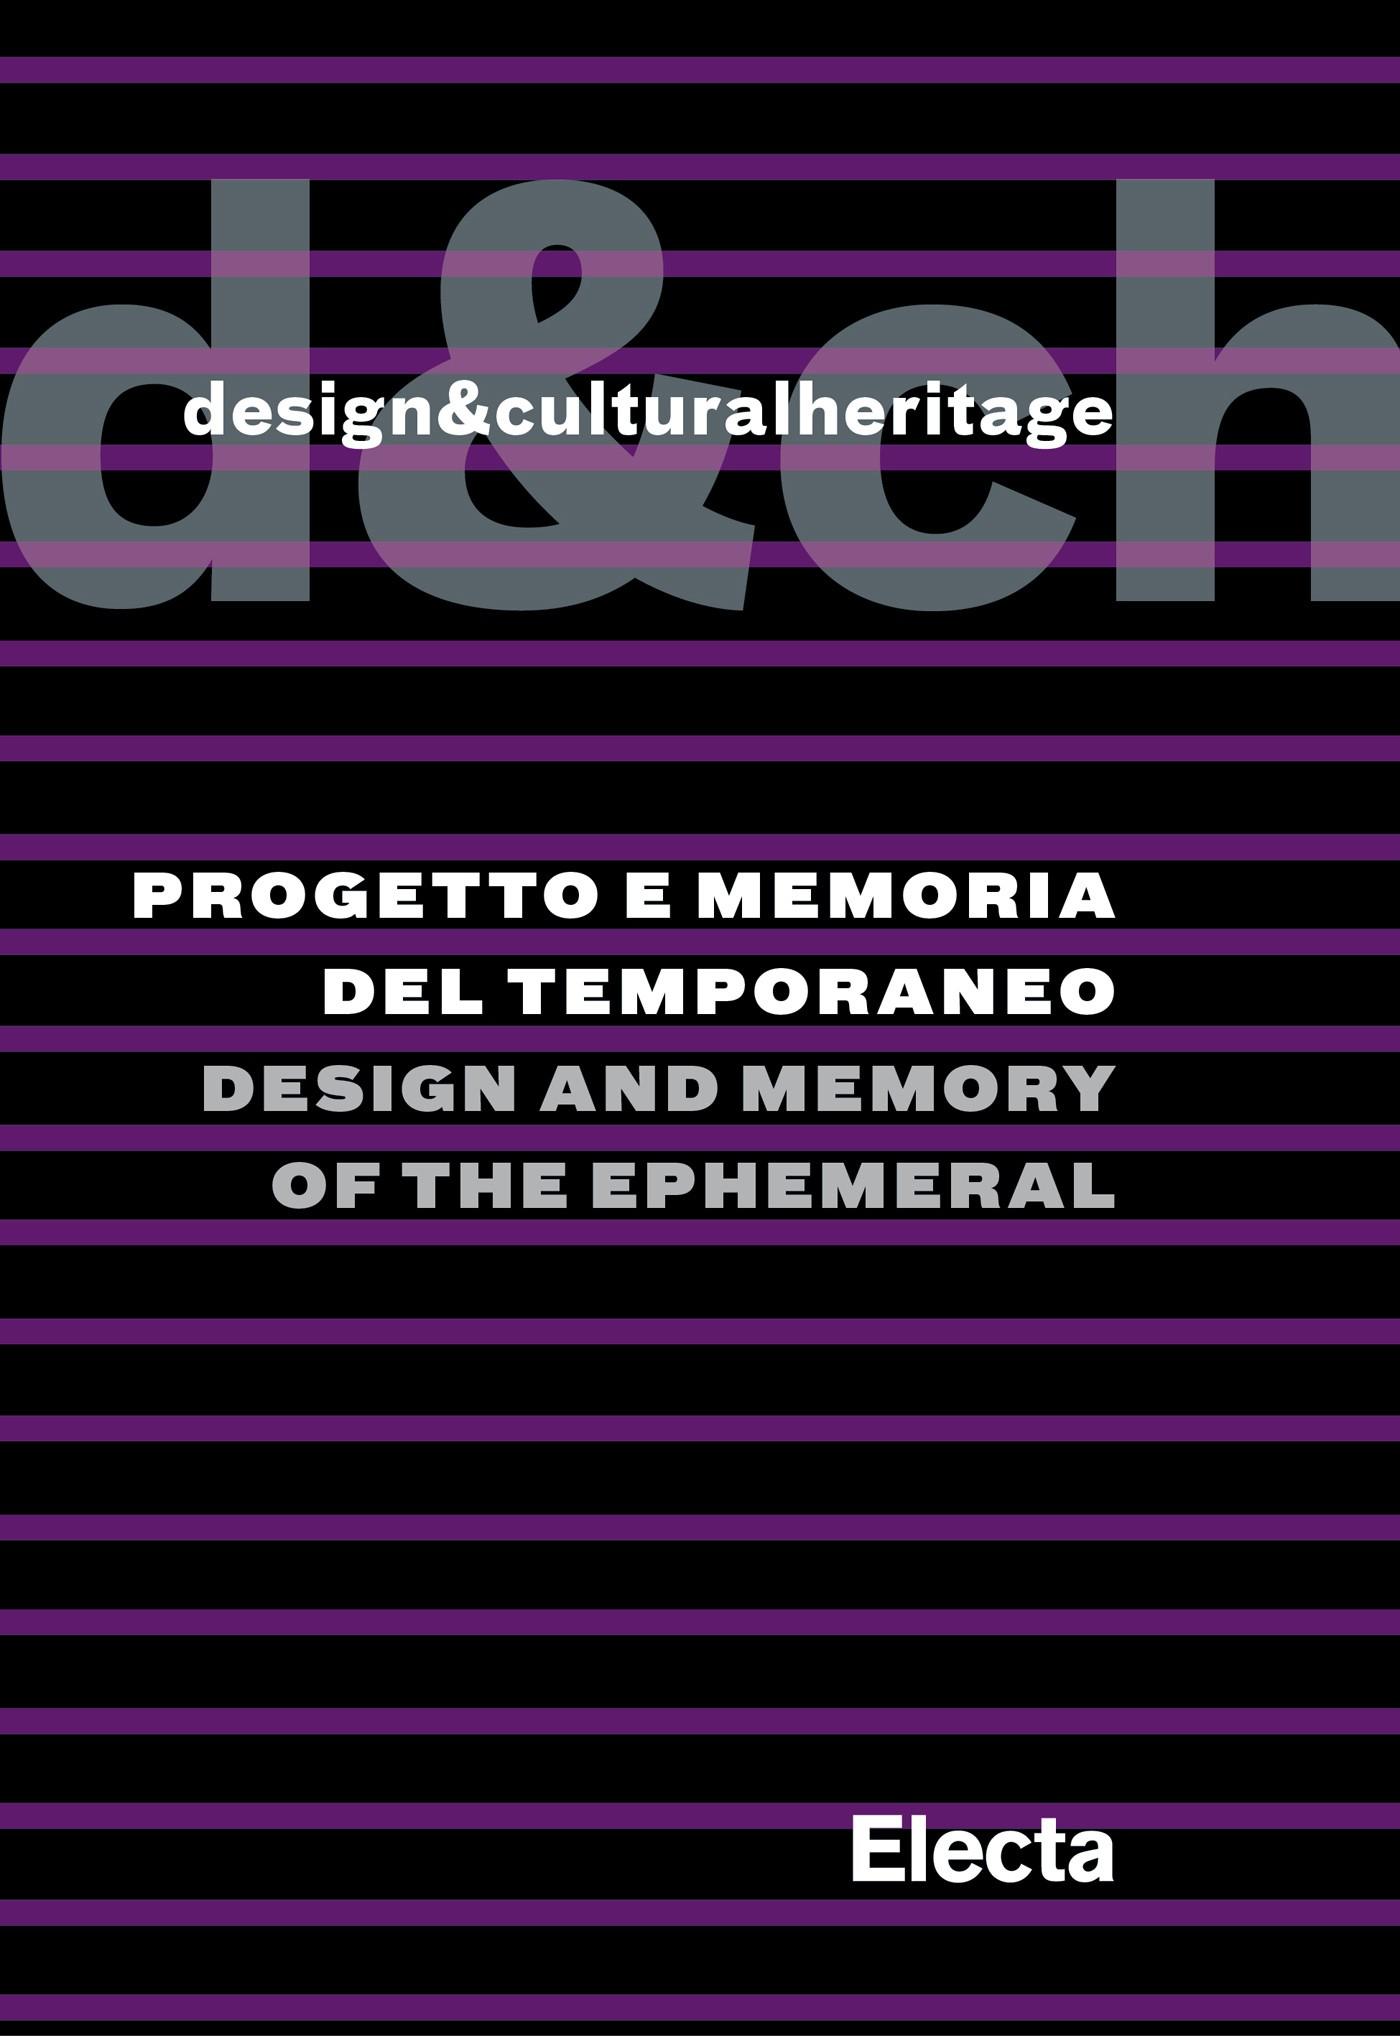 design&culturalheritage